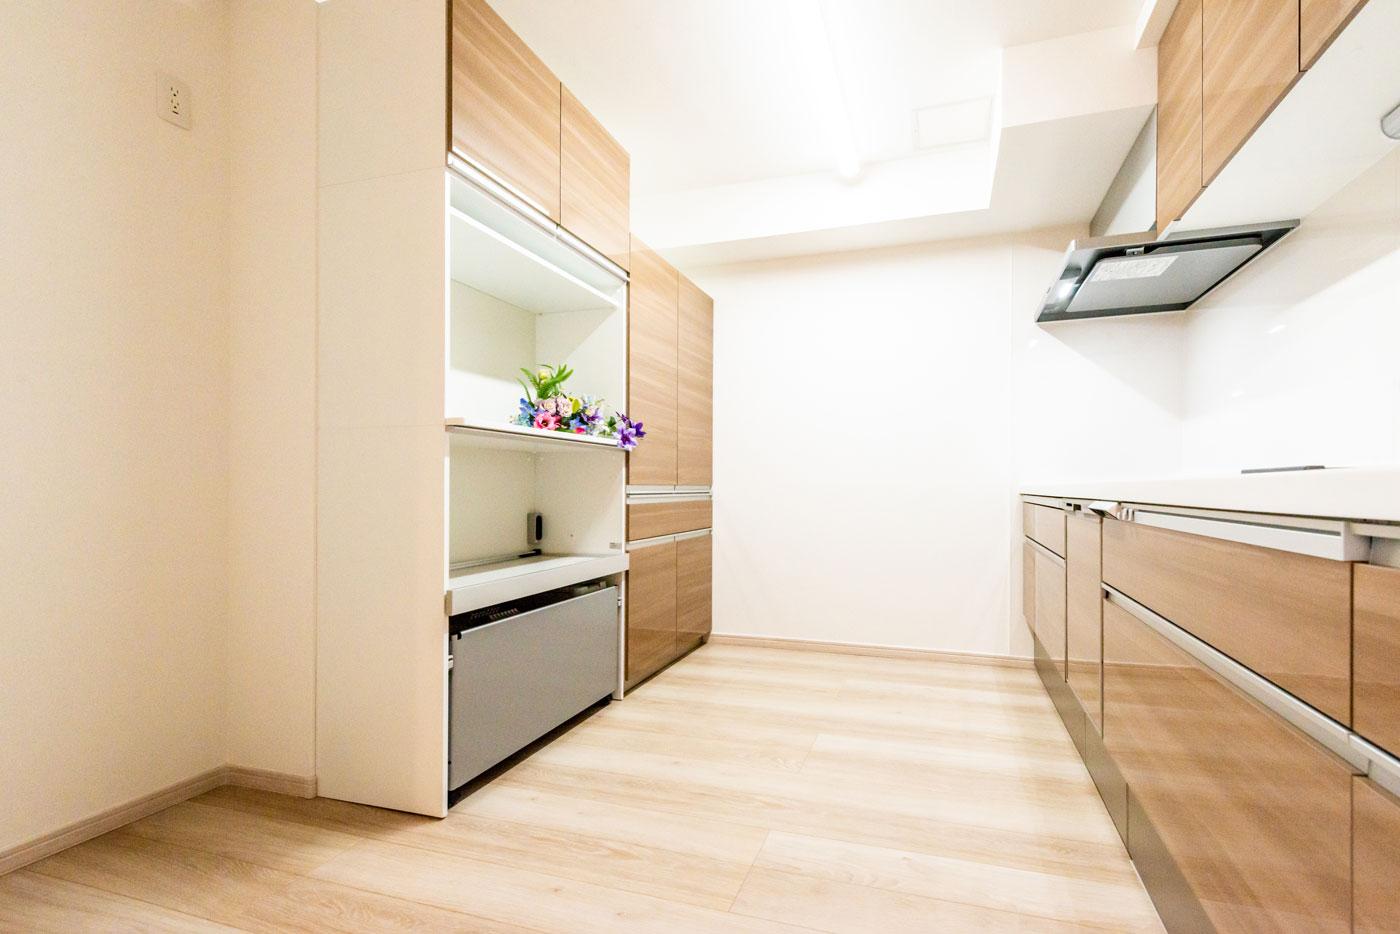 キッチン(カップボード)